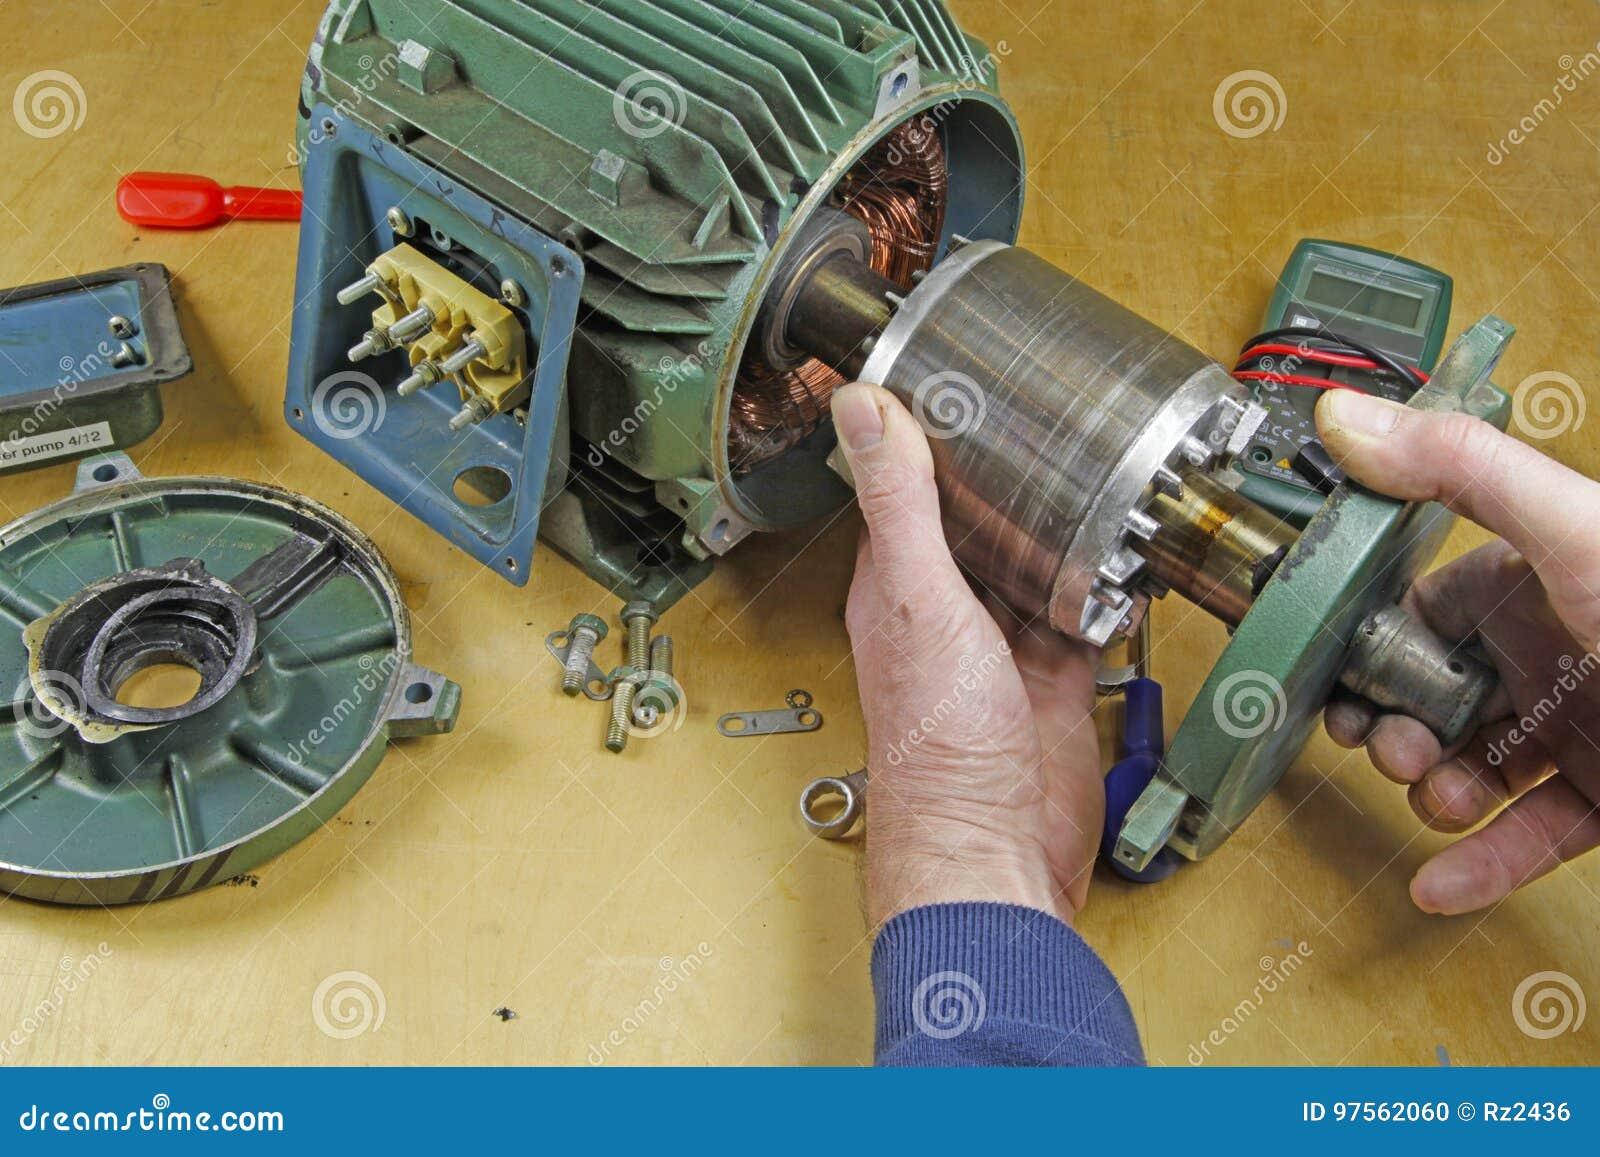 Reparación Trifásica Del Transporte Del Motor De Inducción Foto de ...